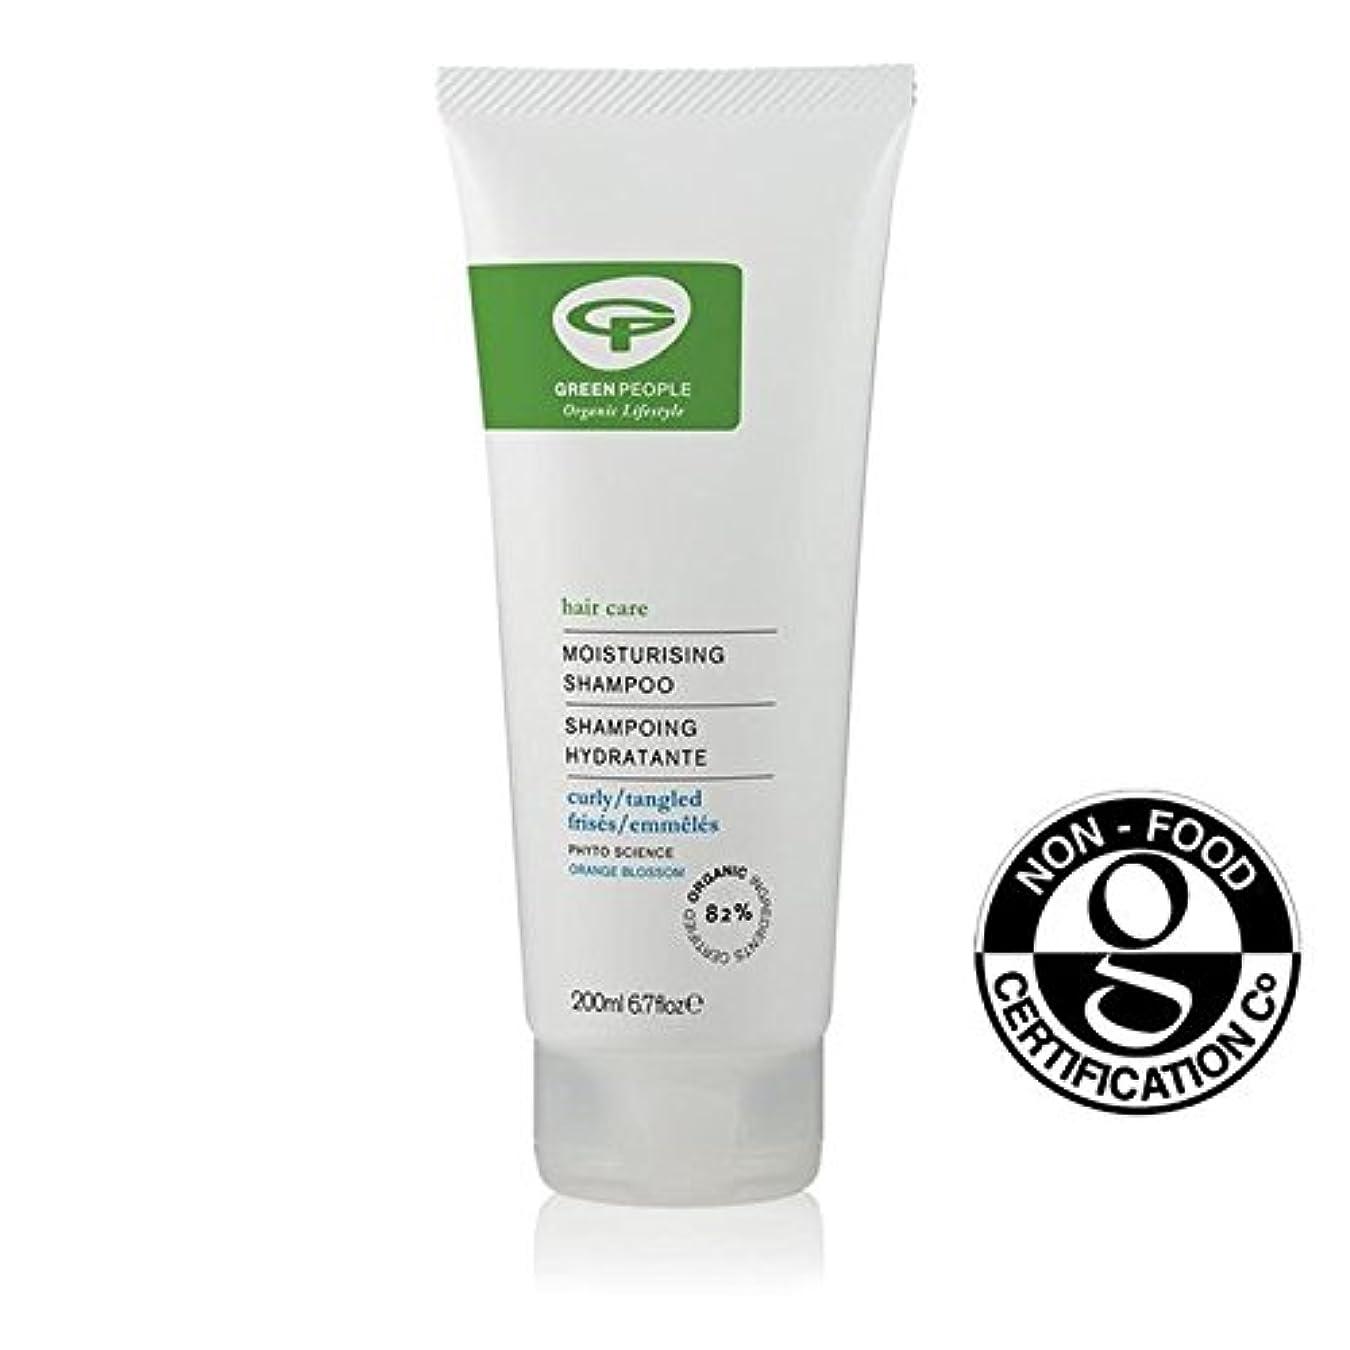 モニター兄弟愛リビングルーム緑の人々の有機保湿シャンプー200ミリリットル x4 - Green People Organic Moisturising Shampoo 200ml (Pack of 4) [並行輸入品]